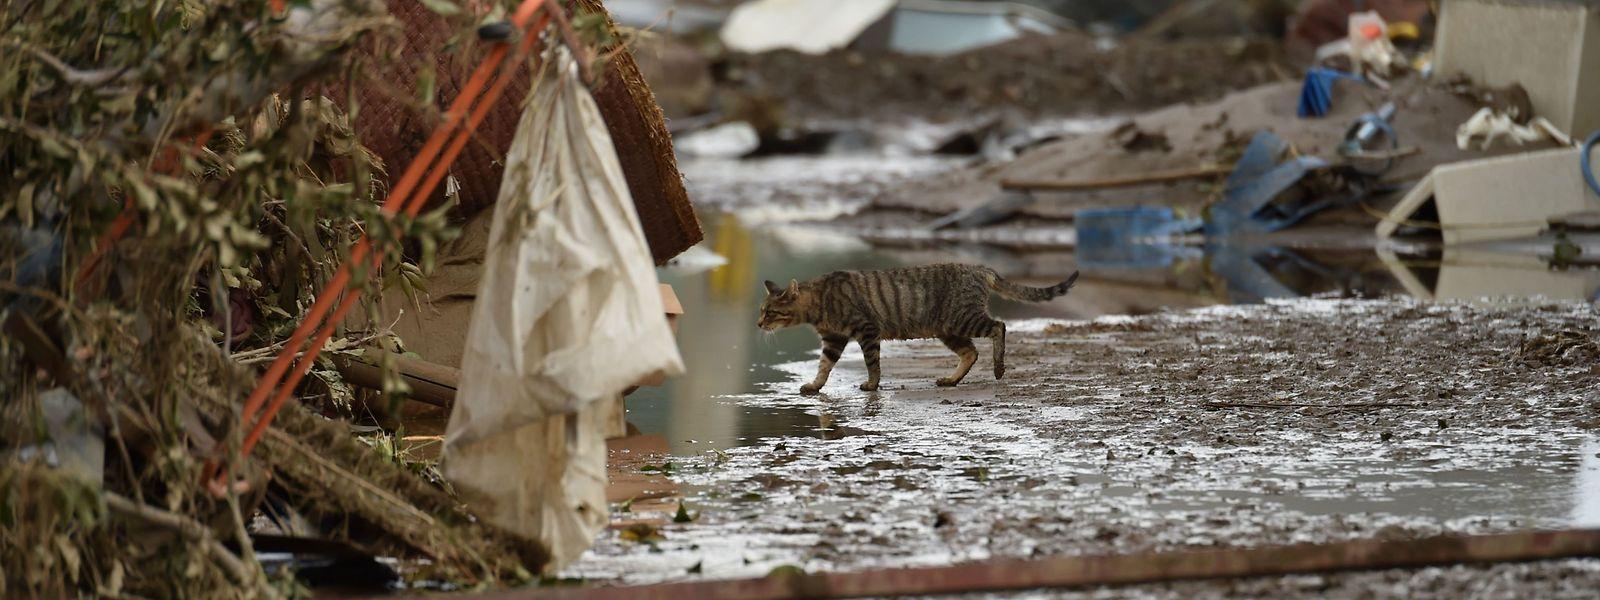 Eine Katze zwischen den Trümmern der Katastrophe.